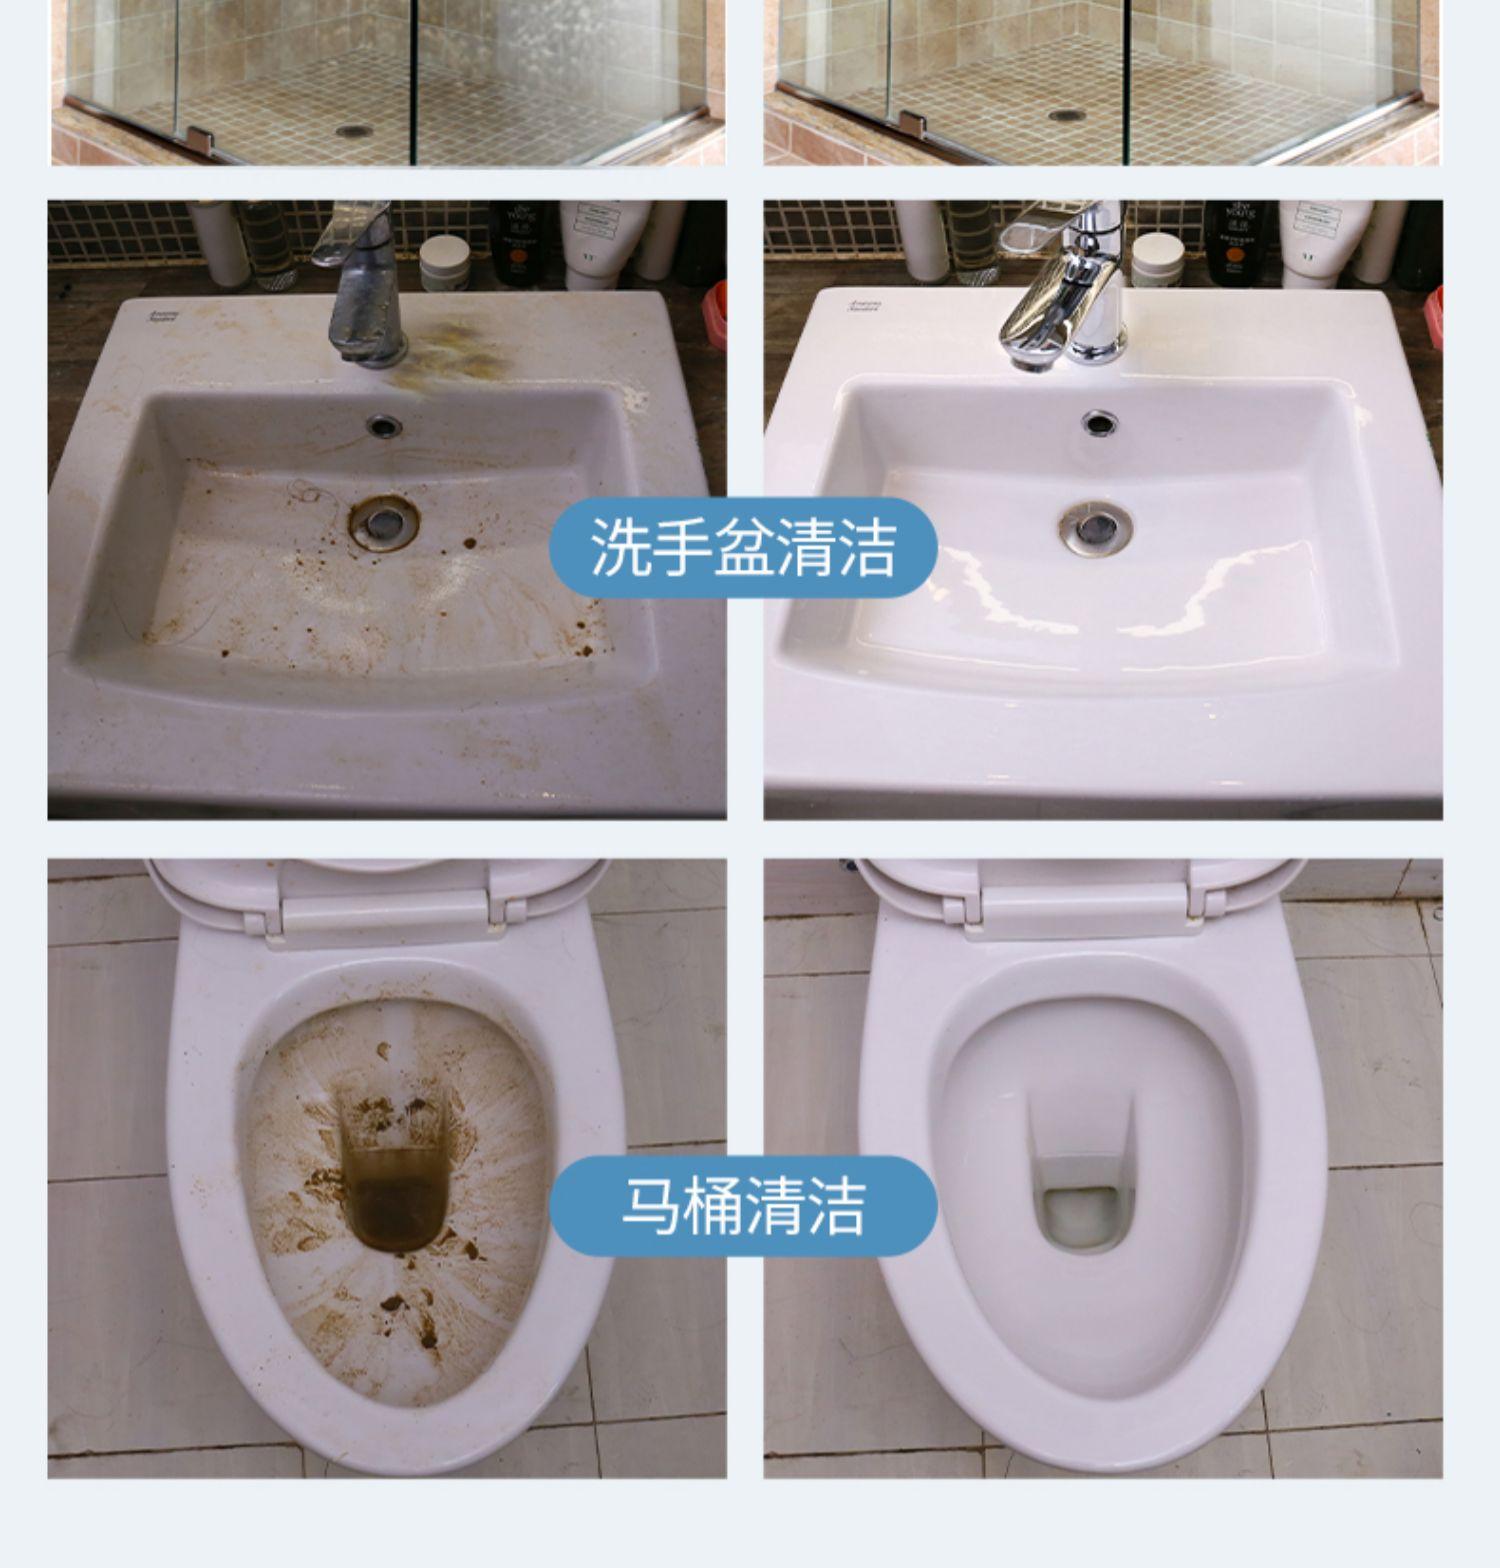 家用卫生间草酸强力去污厕所清洁剂